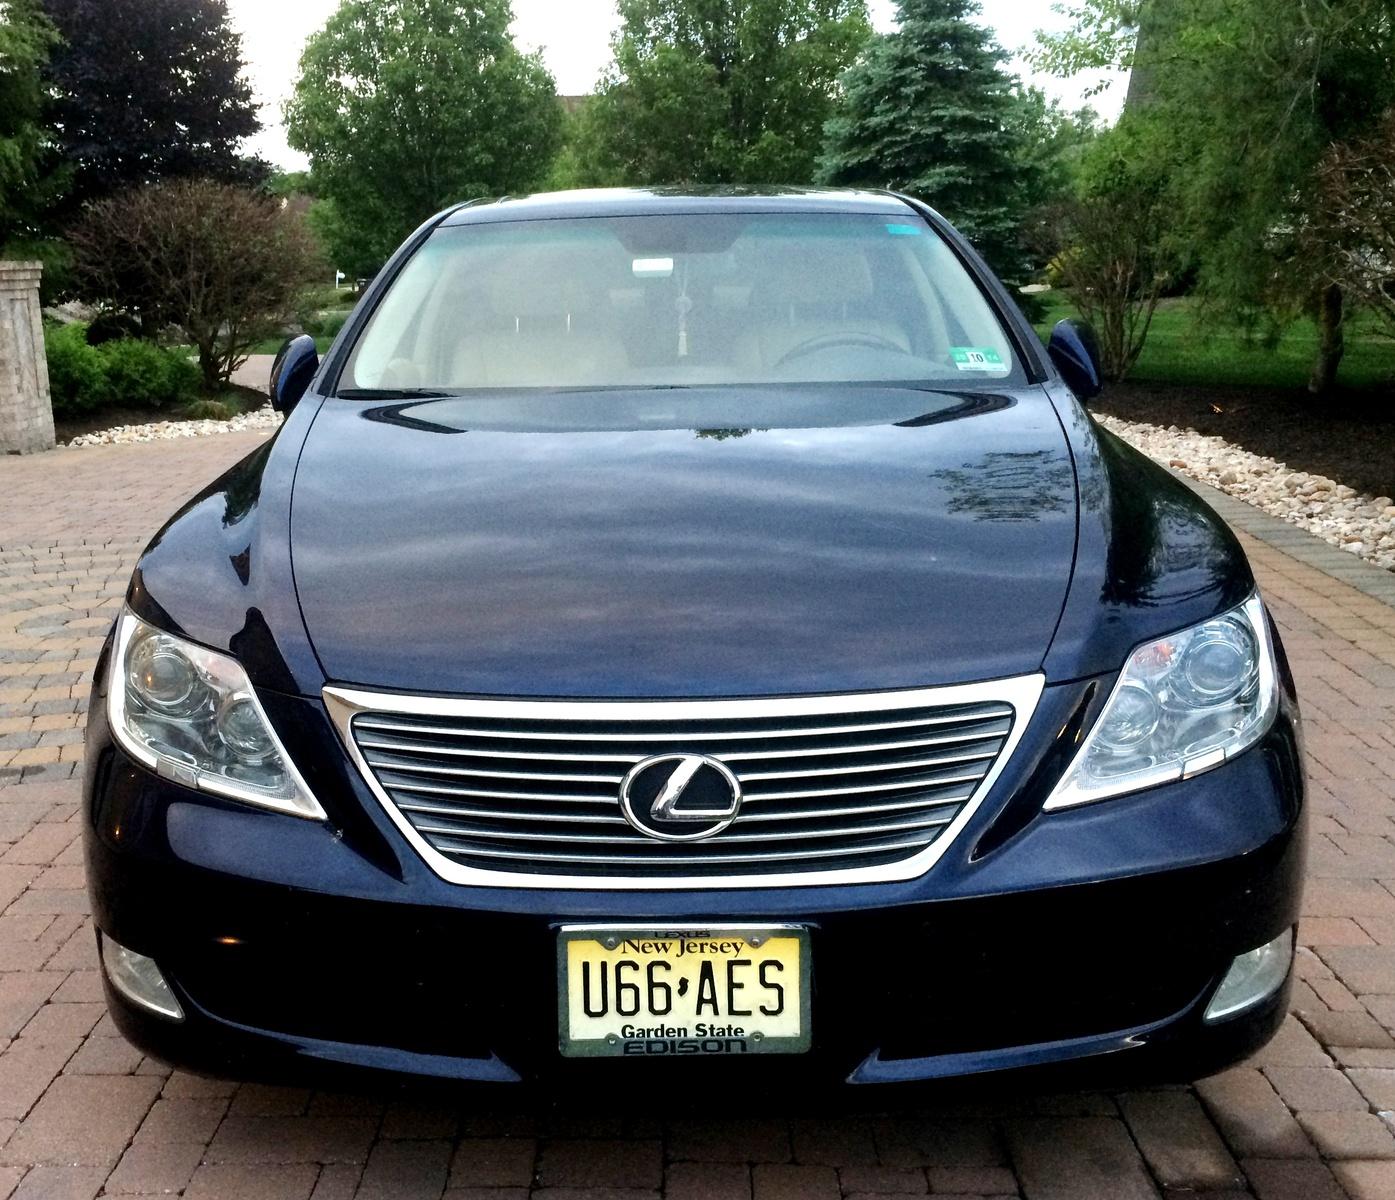 2009 Lexus Gs 460 For Sale: 2007 Lexus LS 460